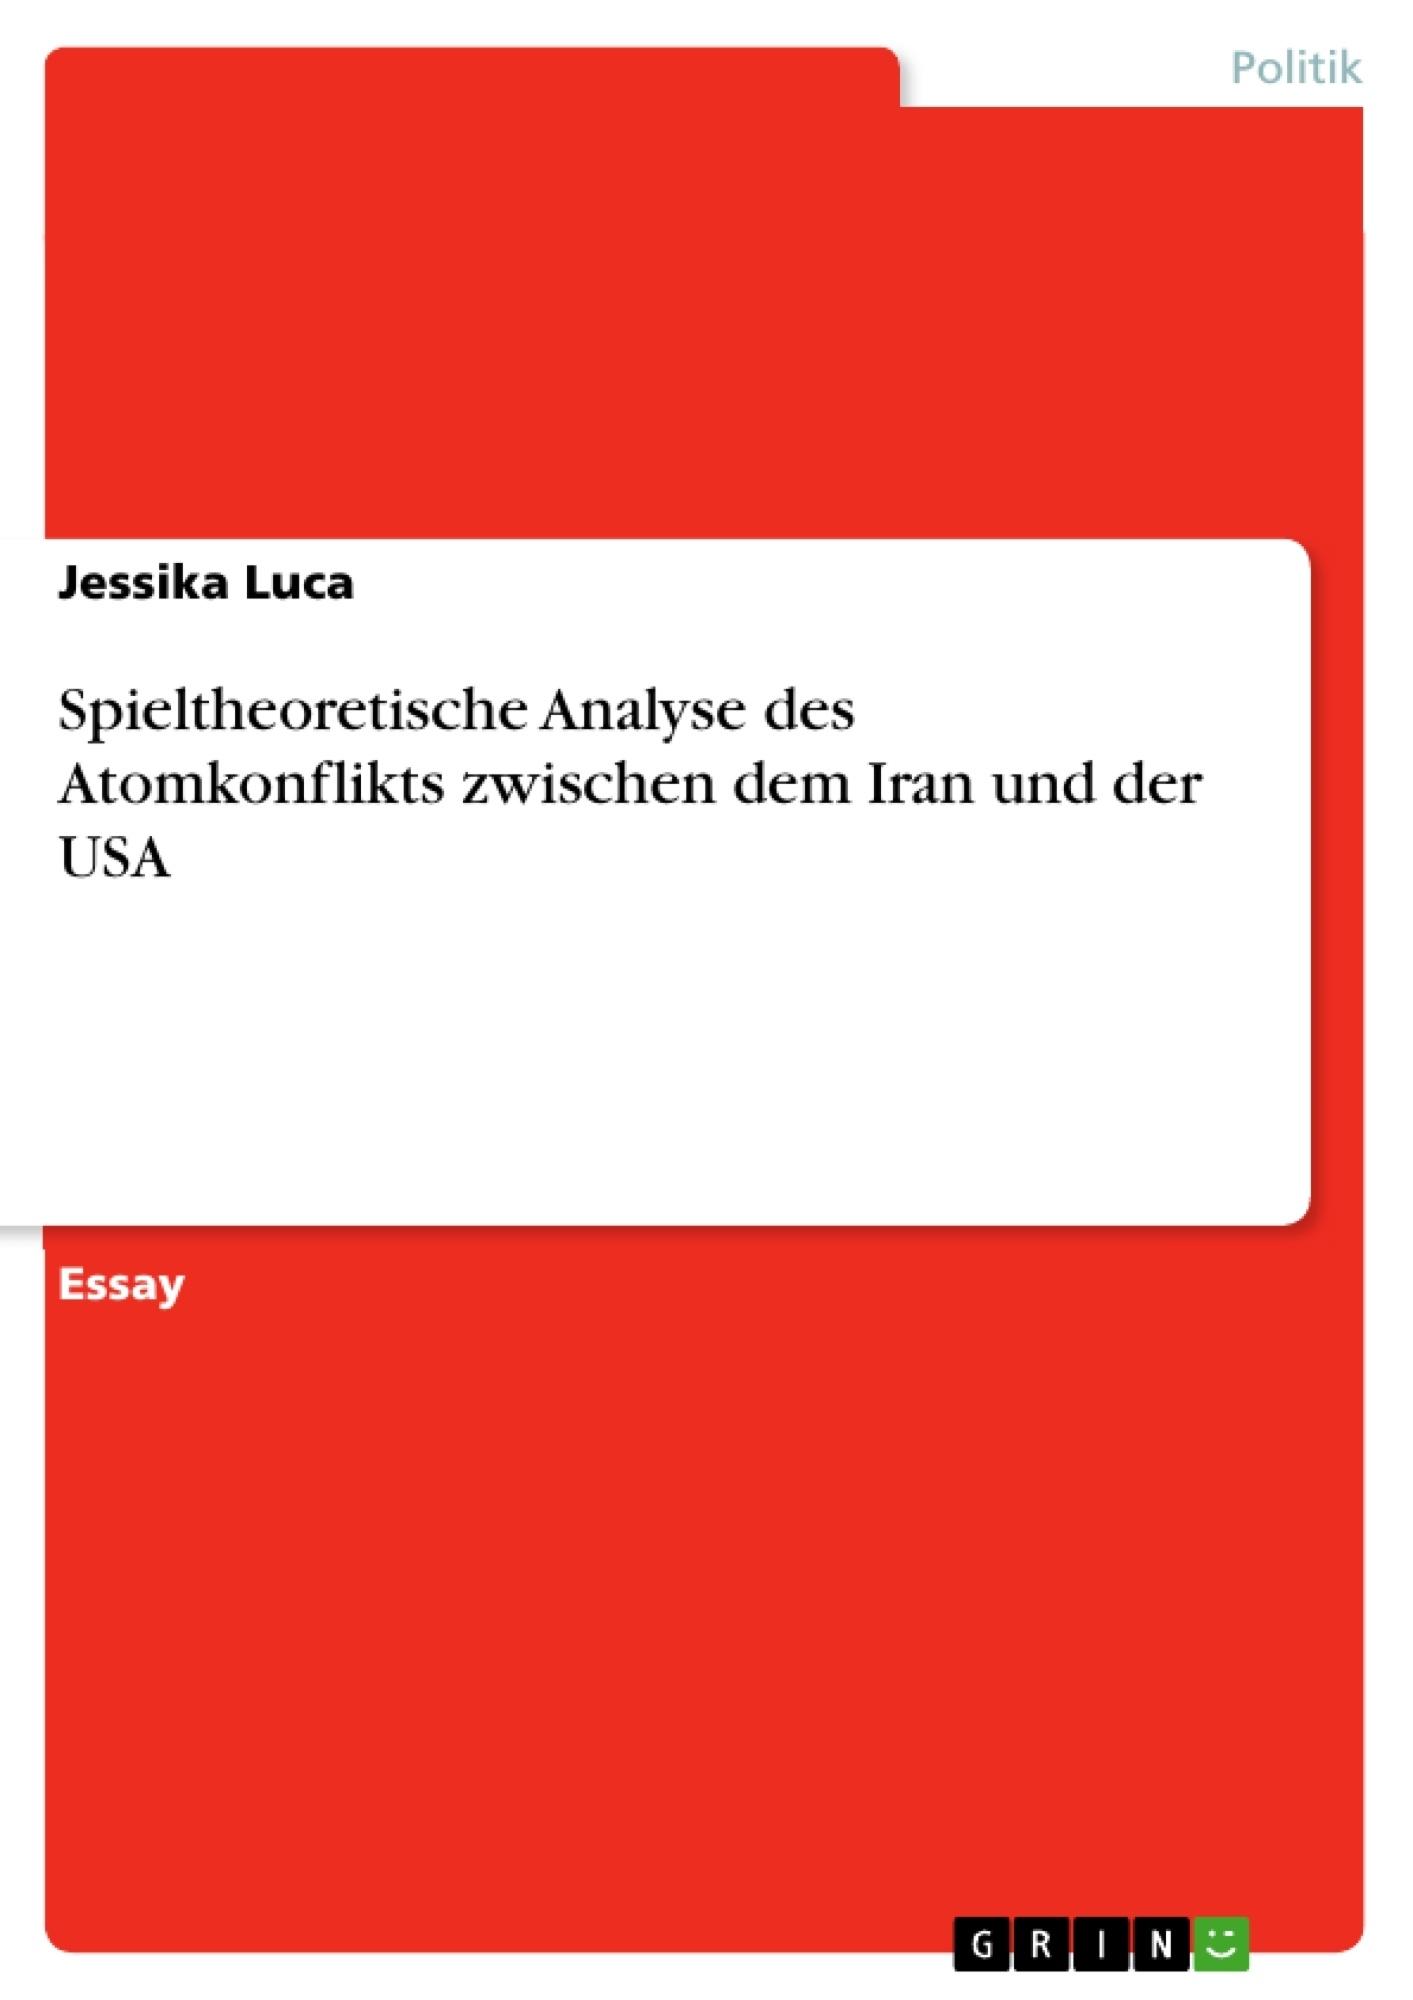 Titel: Spieltheoretische Analyse des Atomkonflikts zwischen dem Iran und der USA